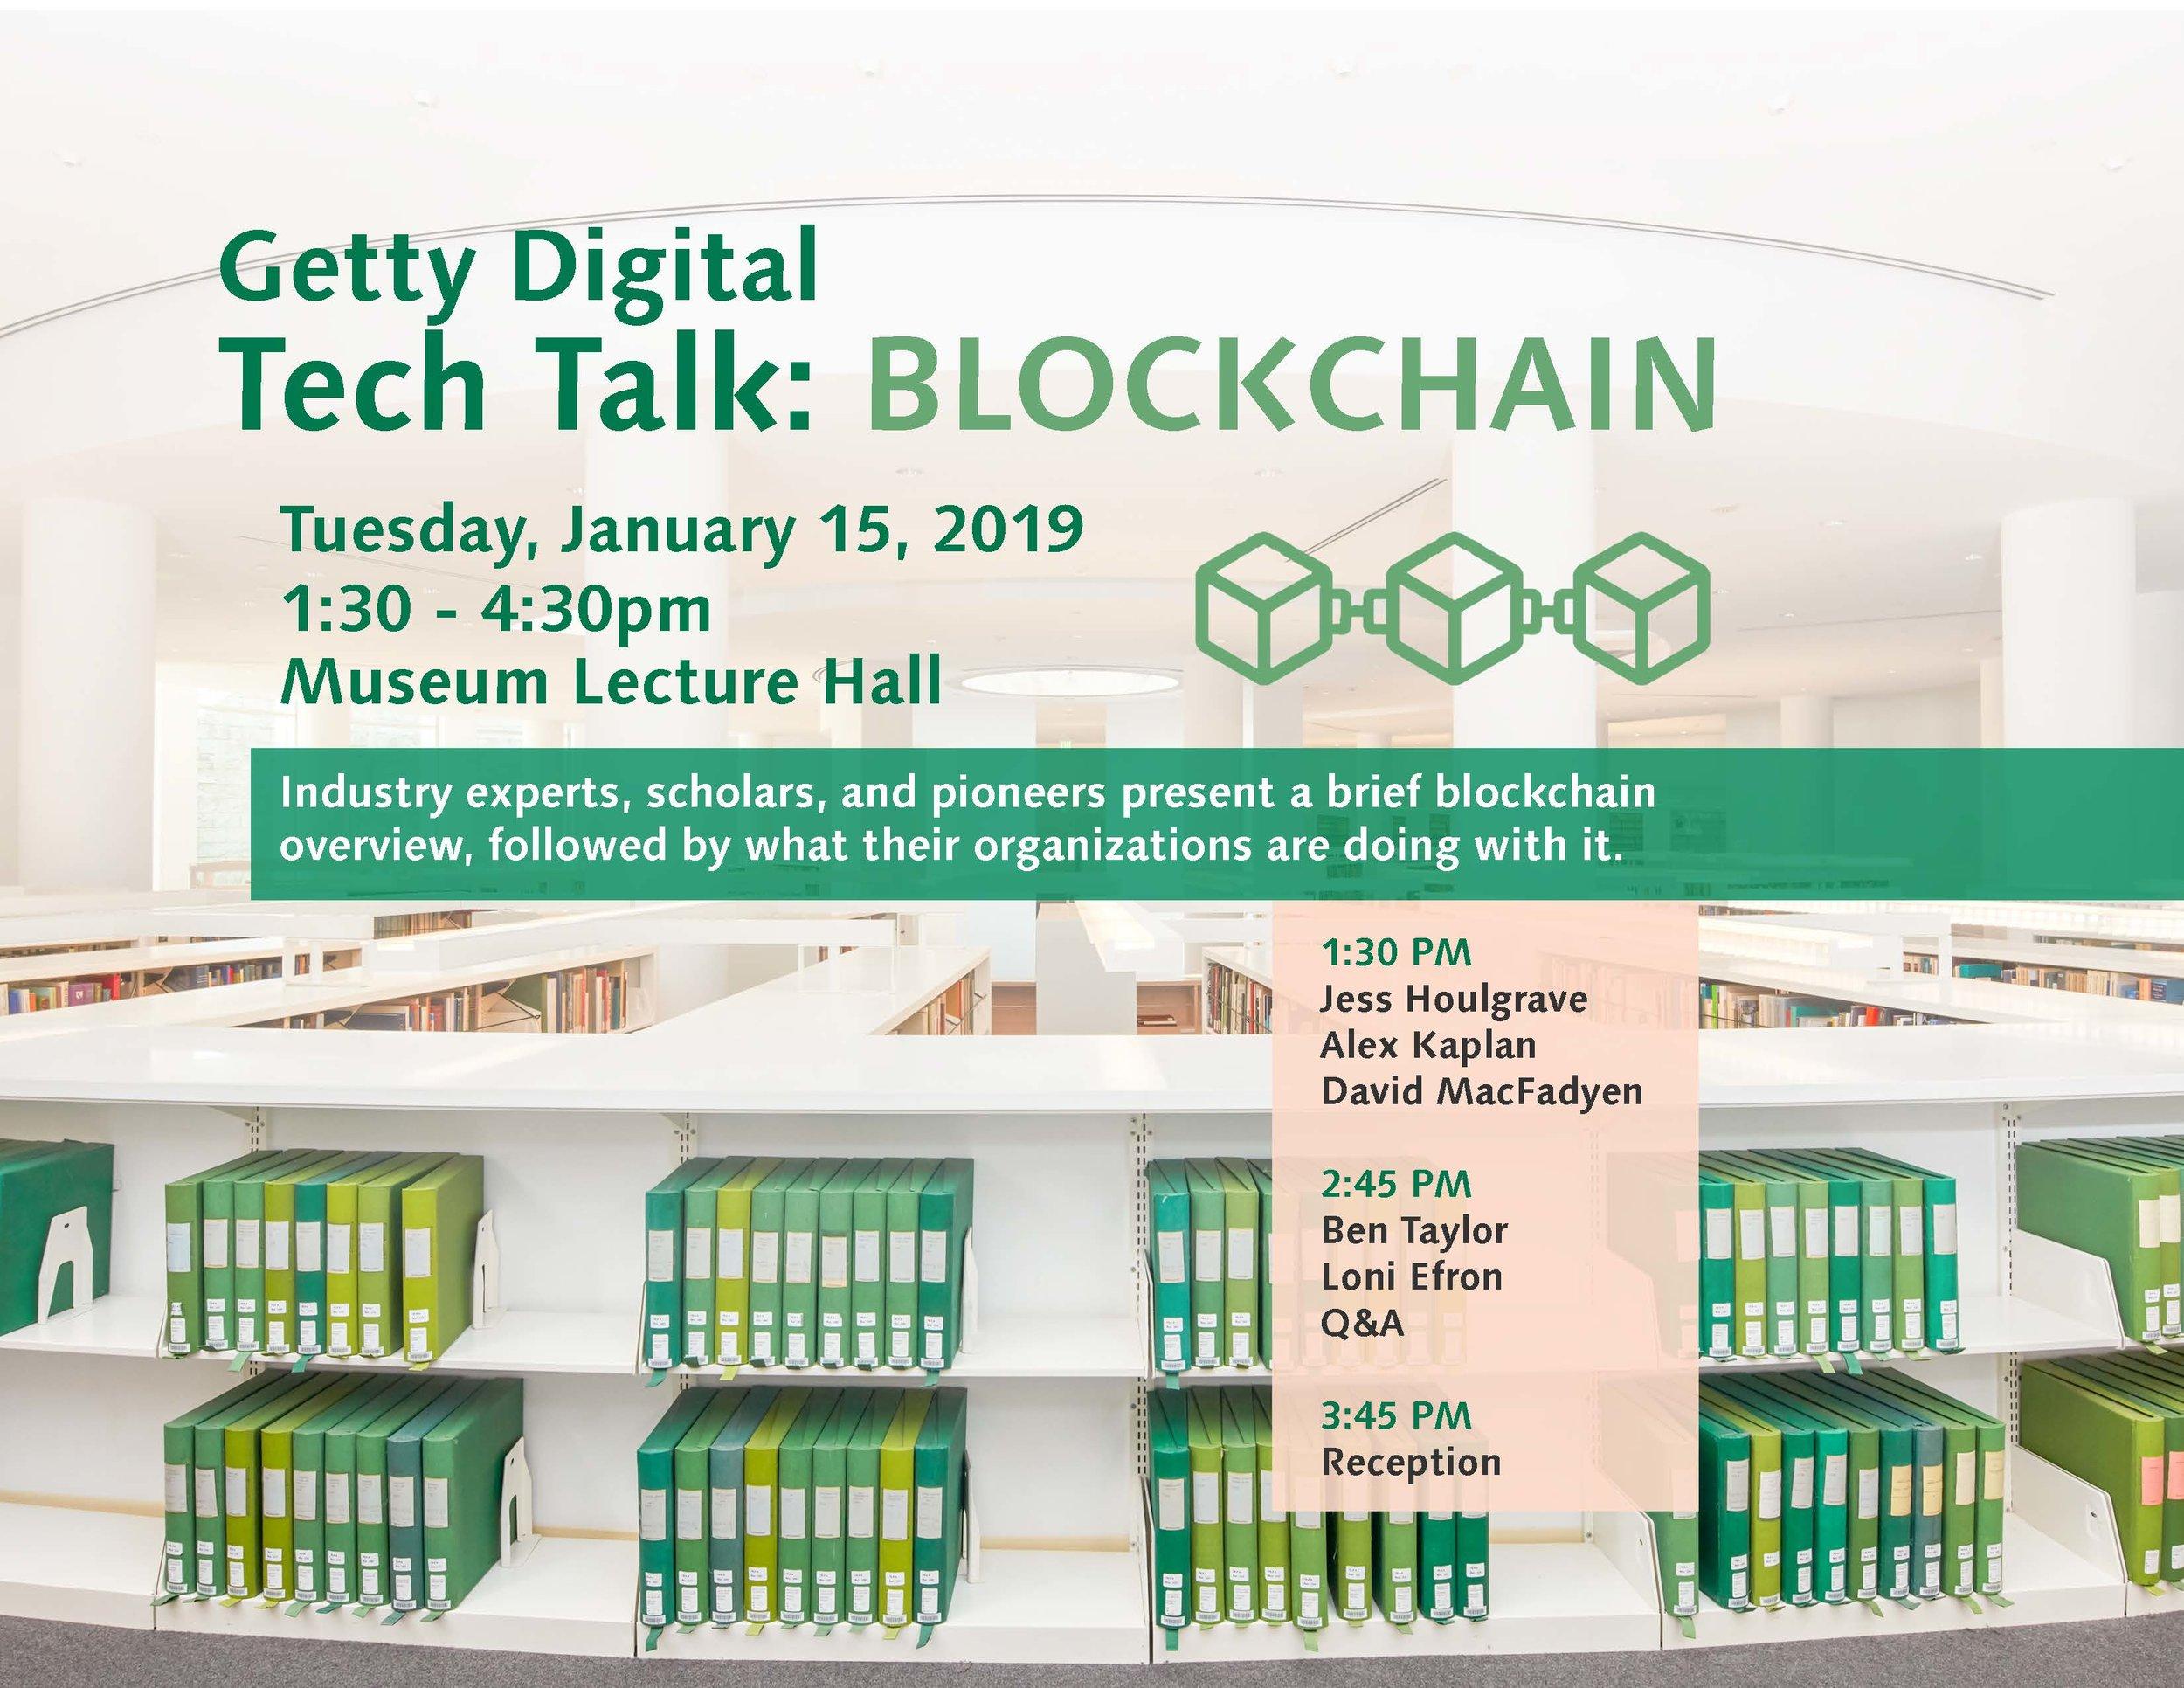 Blockchain_Getty_Digital_Tech_TalkGettyFLyer_Page_1.jpg